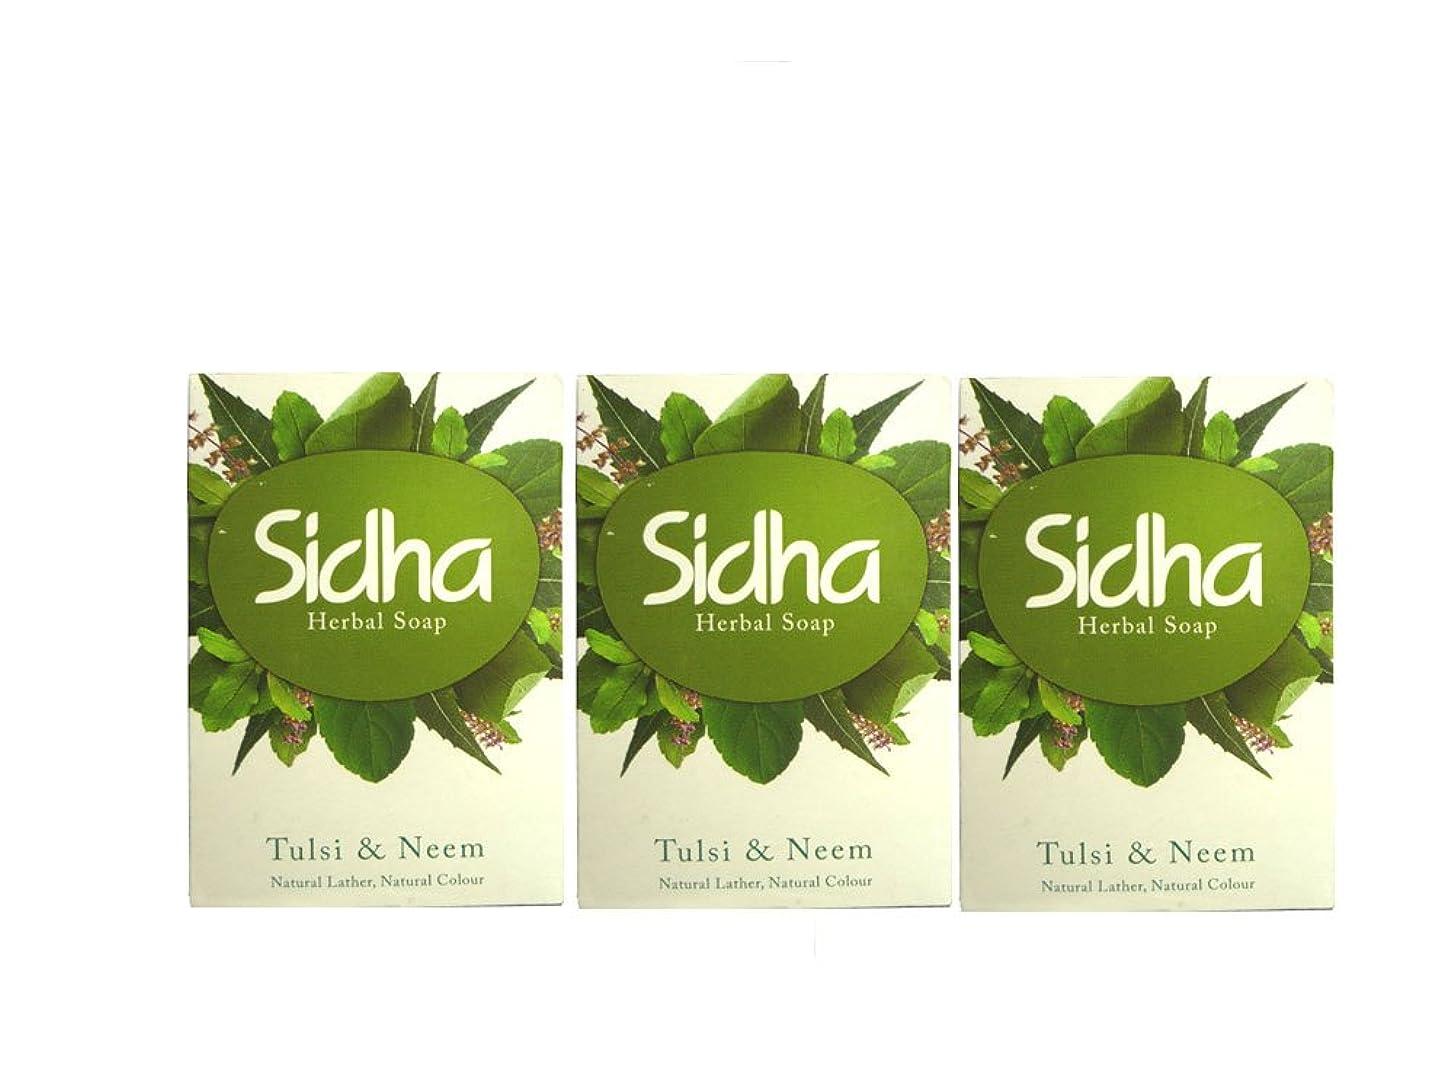 シンプルさ選出する容器SIHDH Herbal Soap Tulsi & Neem シダー ハ-バル ソープ 75g 3個セット